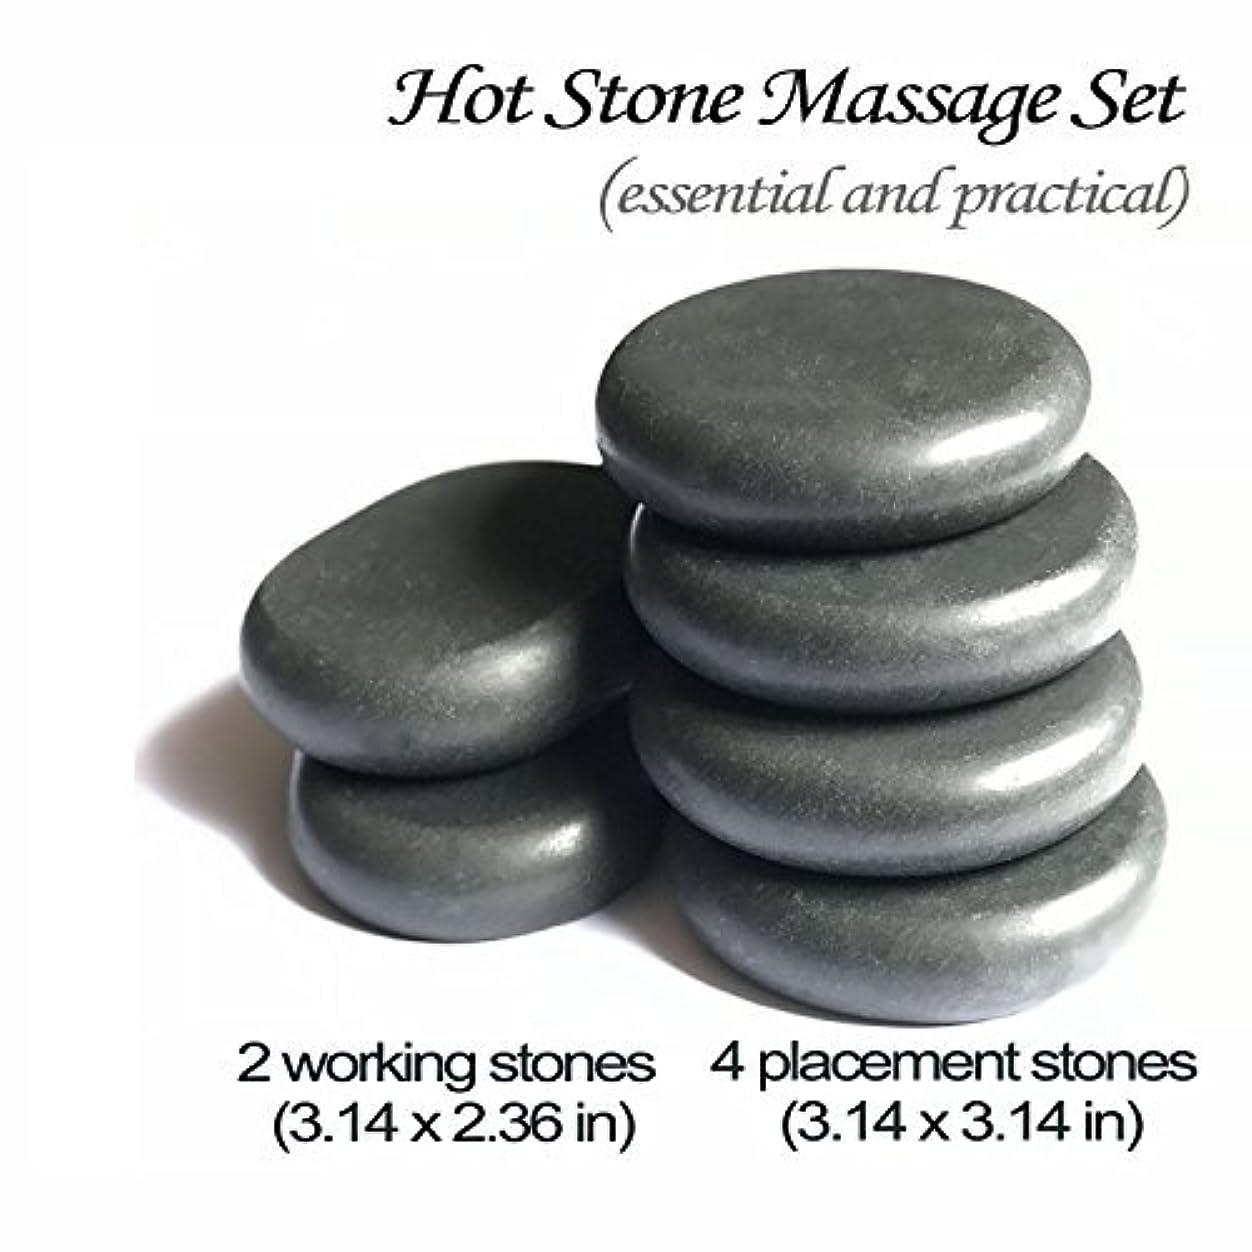 ポルノ新着聞きますロック玄武岩マッサージホットスト足つぼ?手のひら かっさ Natural Lava Rock Basalt Stone for (L 6 PCS)